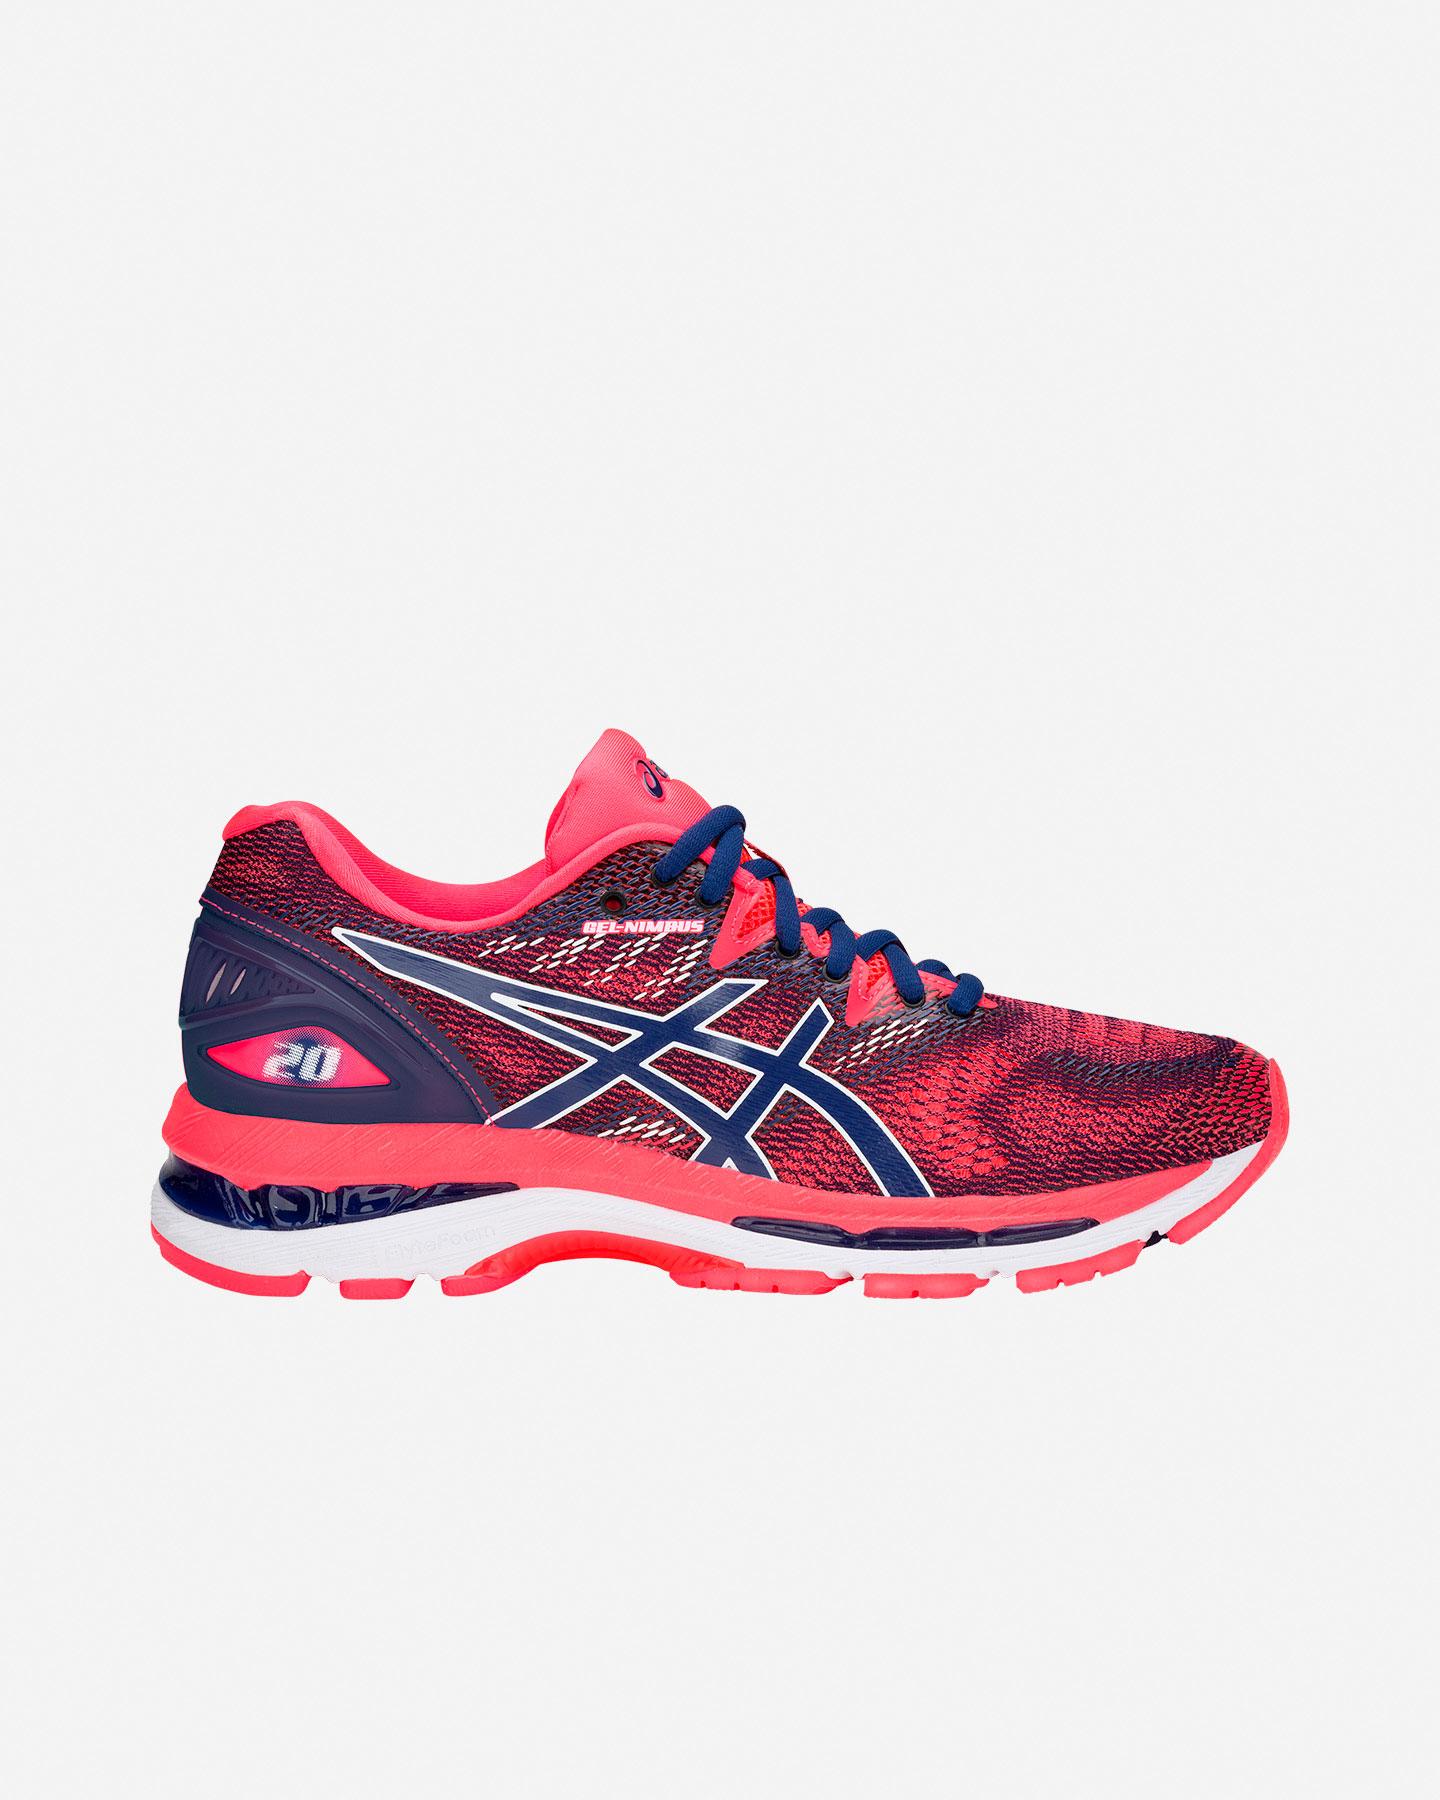 scarpe running asics nimbus 20